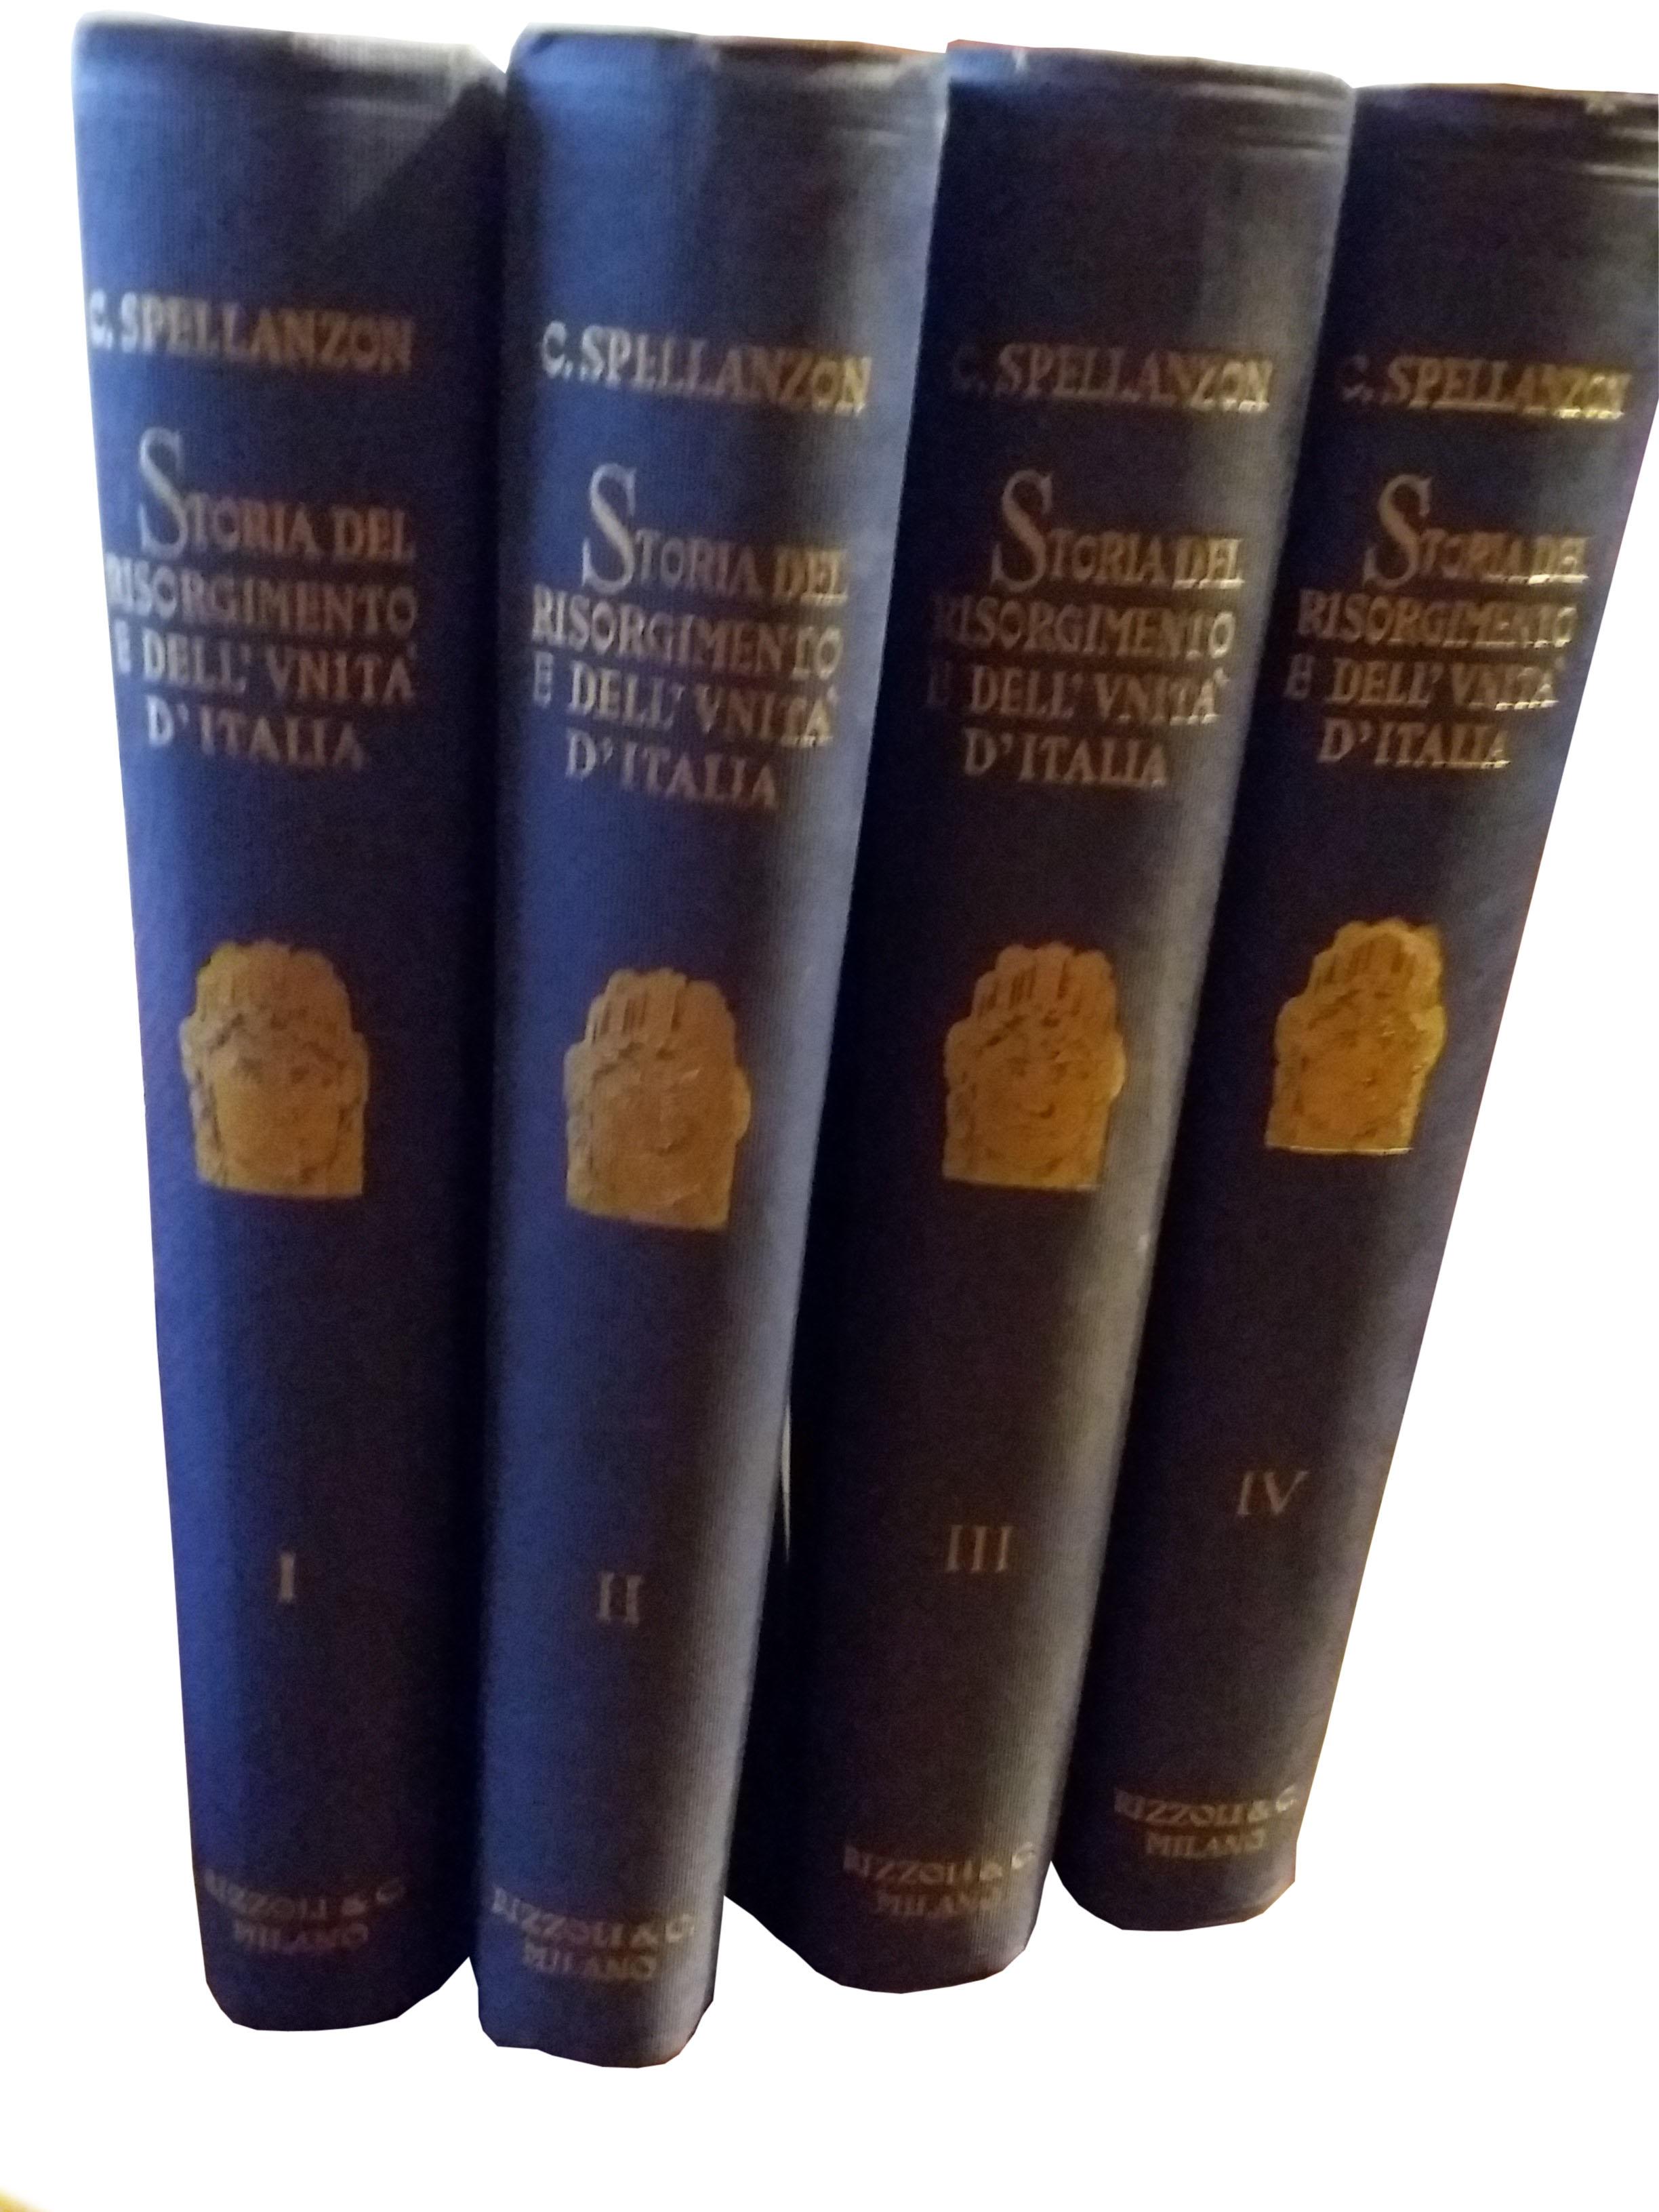 Storia del Risorgimento e dell'unità d'Italia – Rizzoli Editore